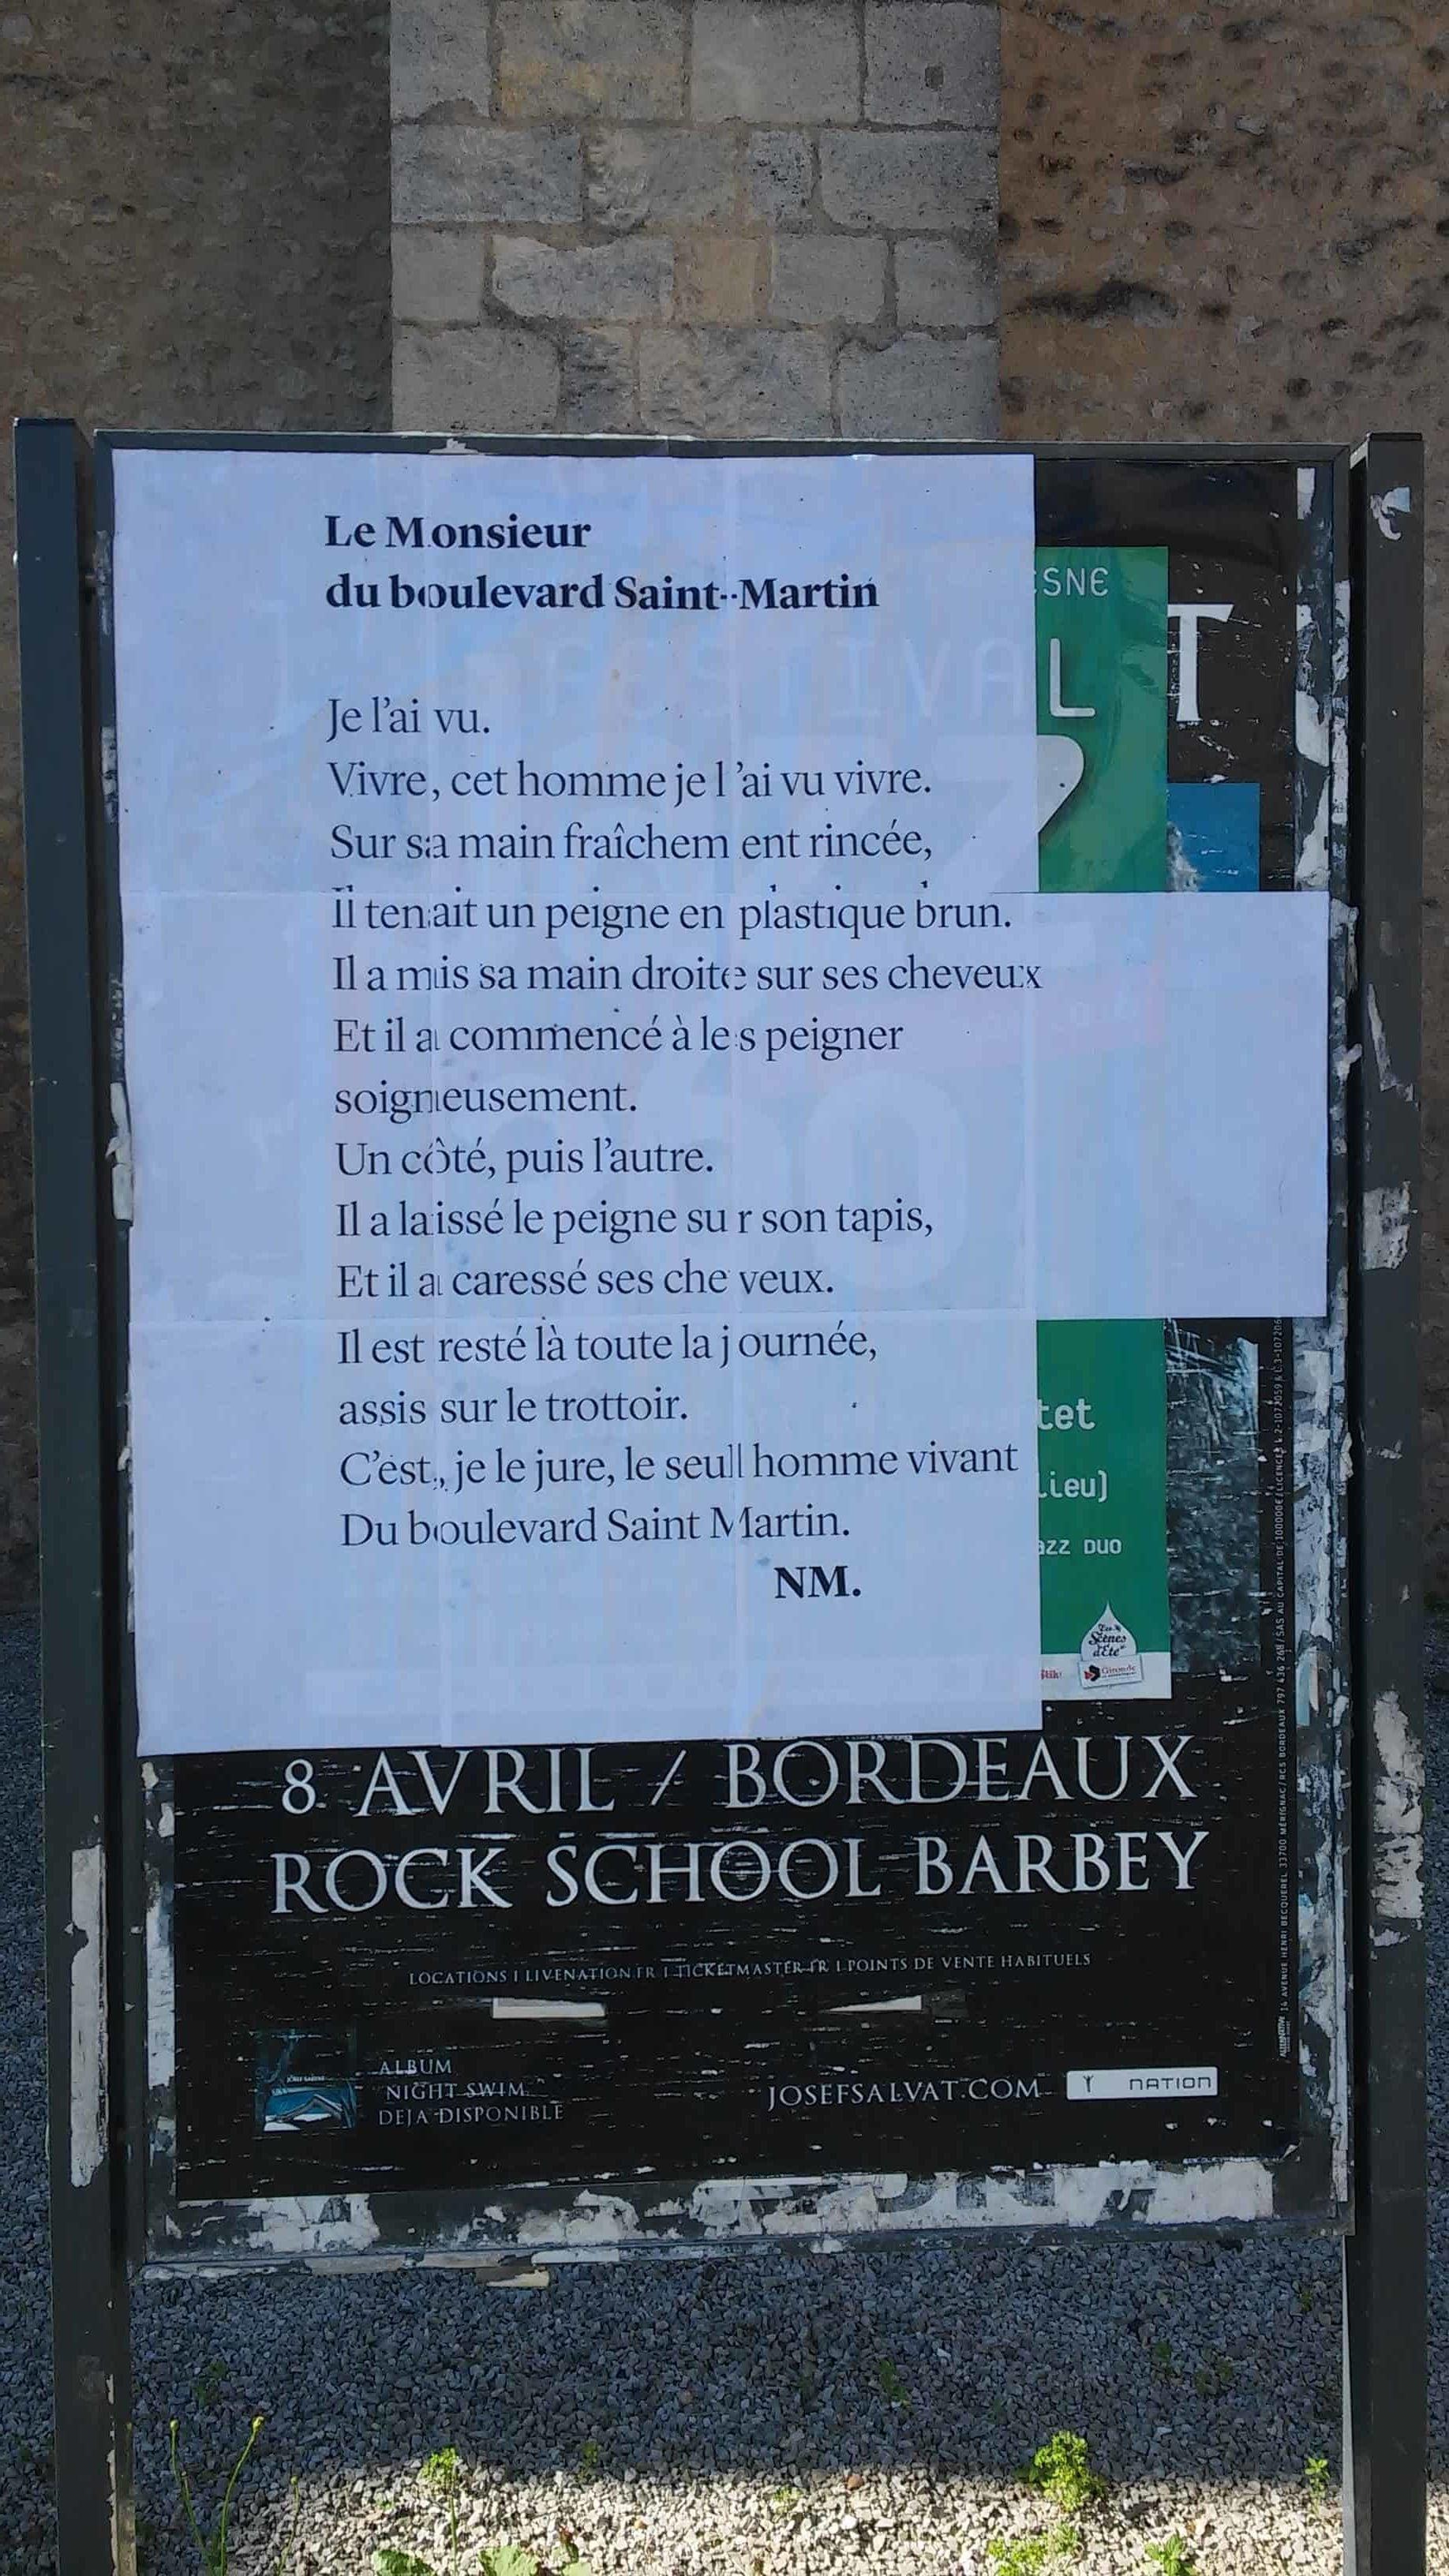 le monsieur du boulevard saint martin, poésie, nathalie man, tnba, bordeaux